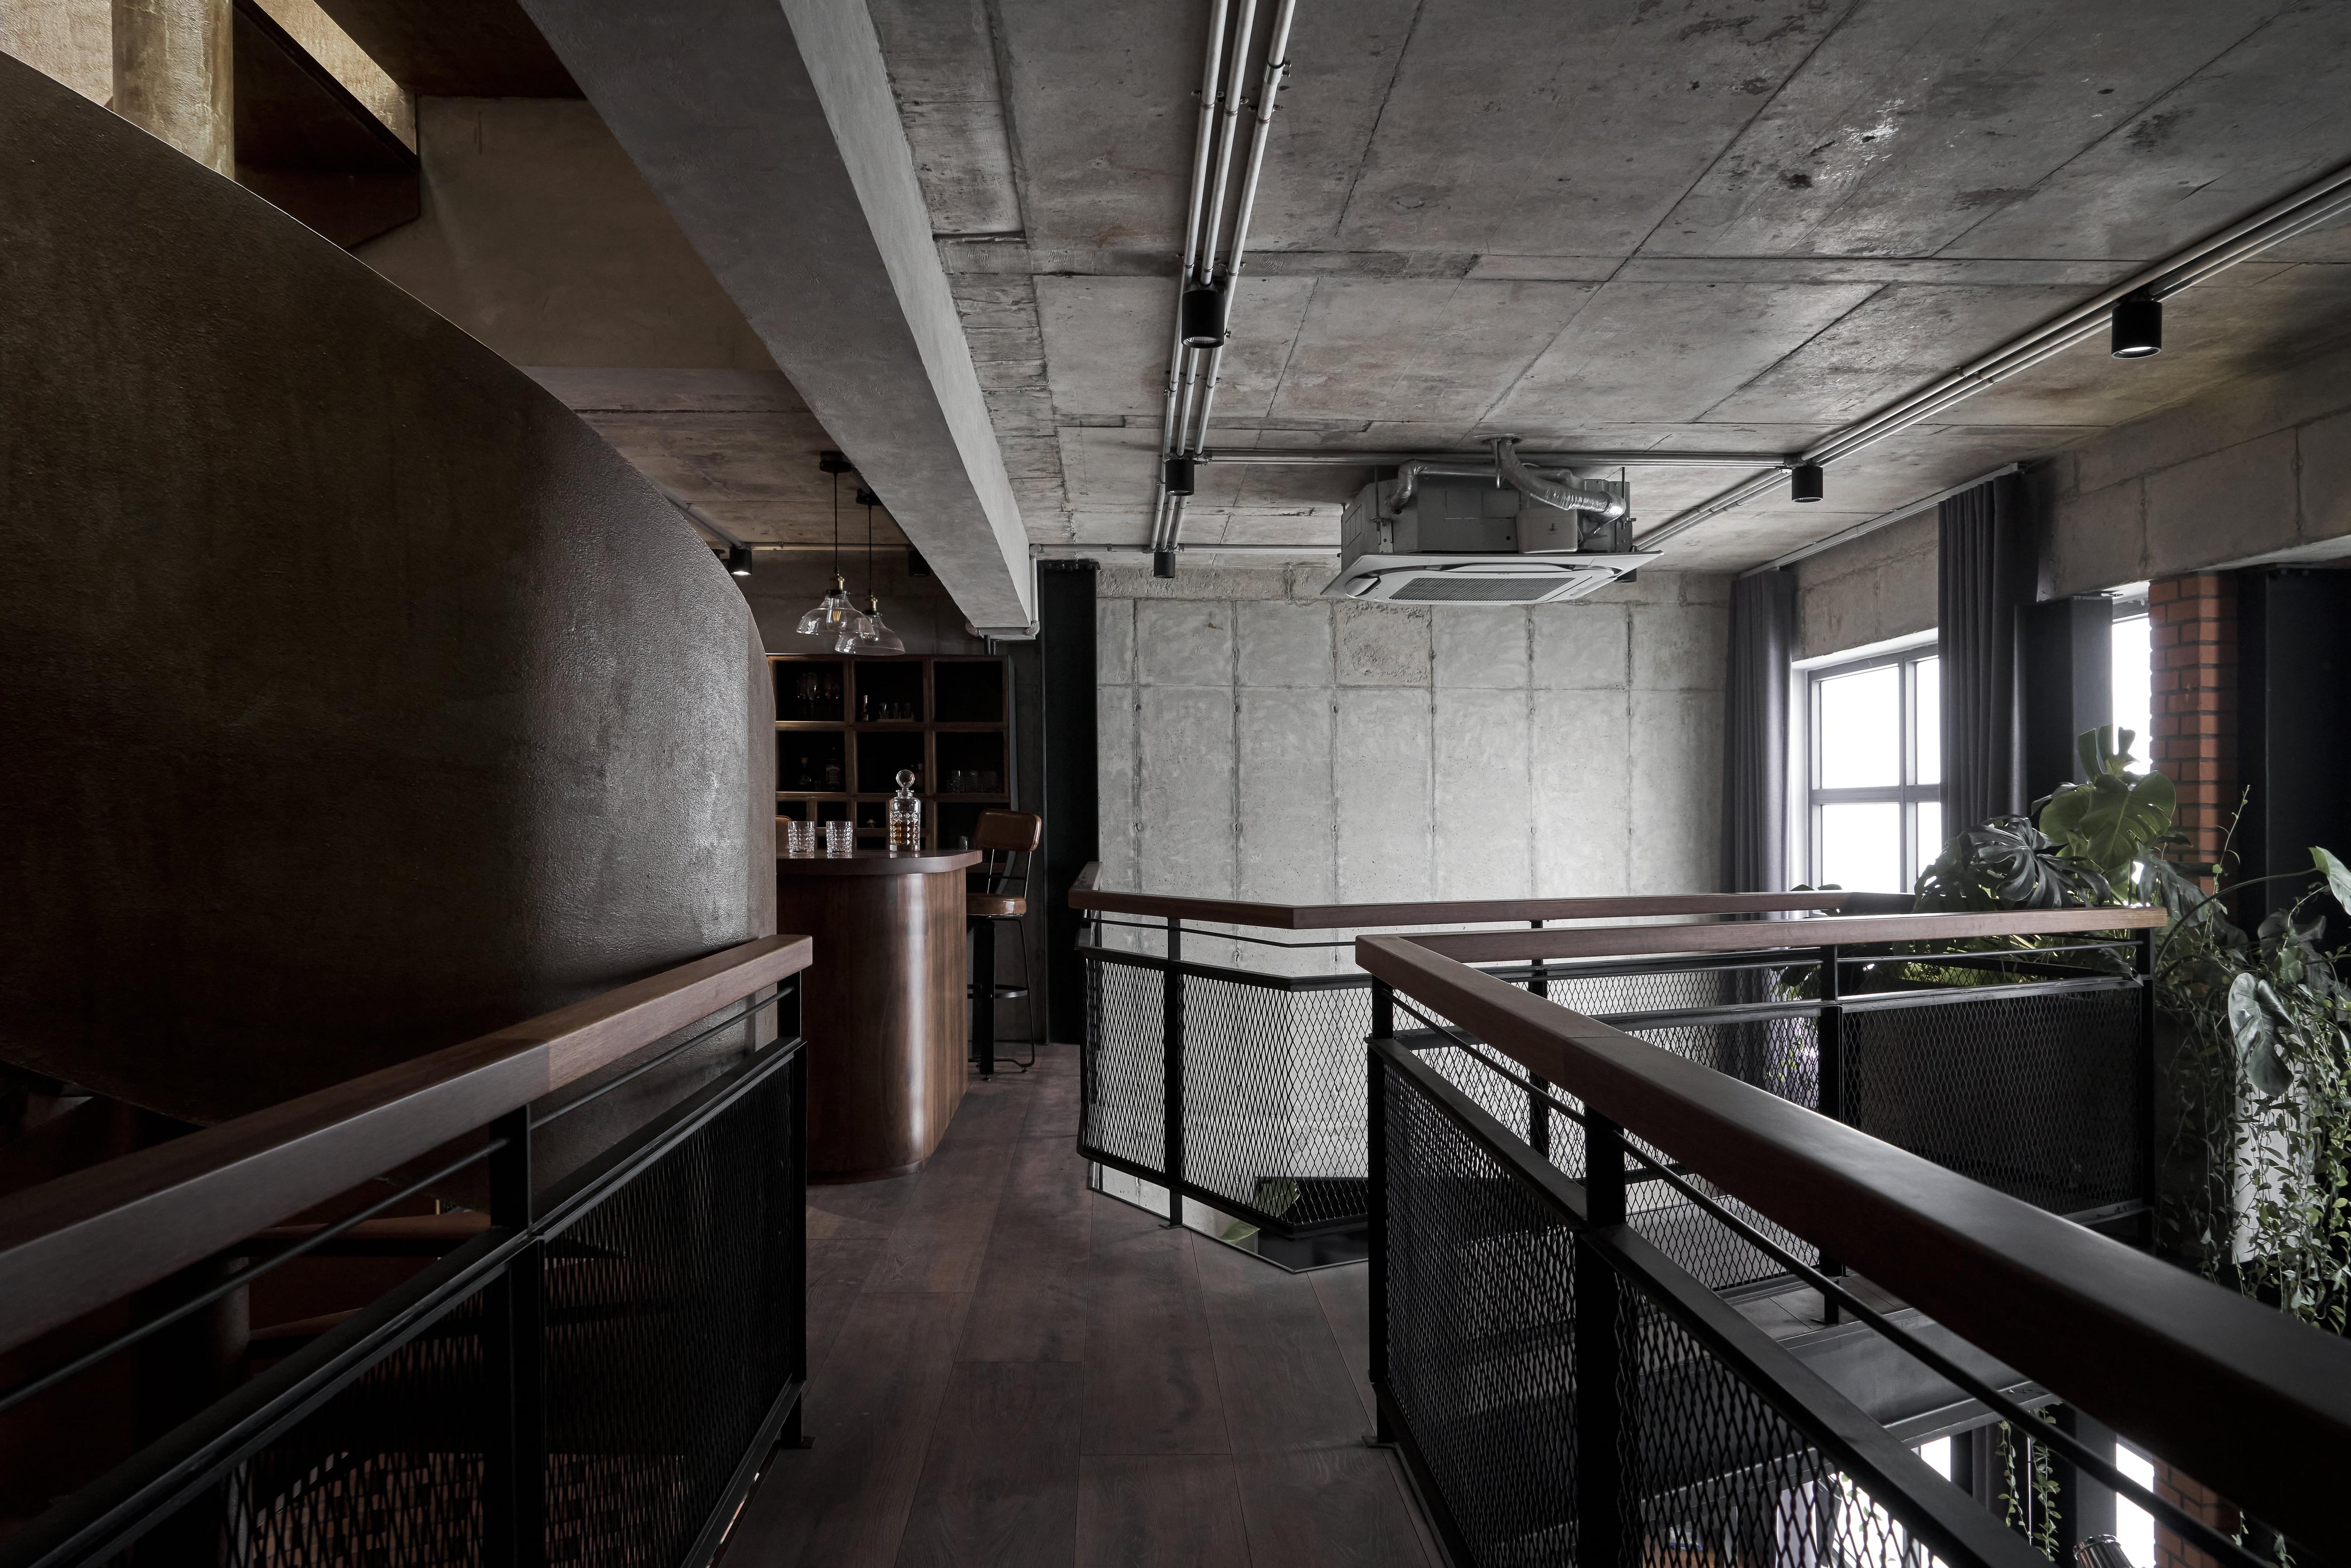 Căn penthouse ven Hà Nội gây choáng với vẻ hầm hố, đậm chất nghệ sĩ - 2